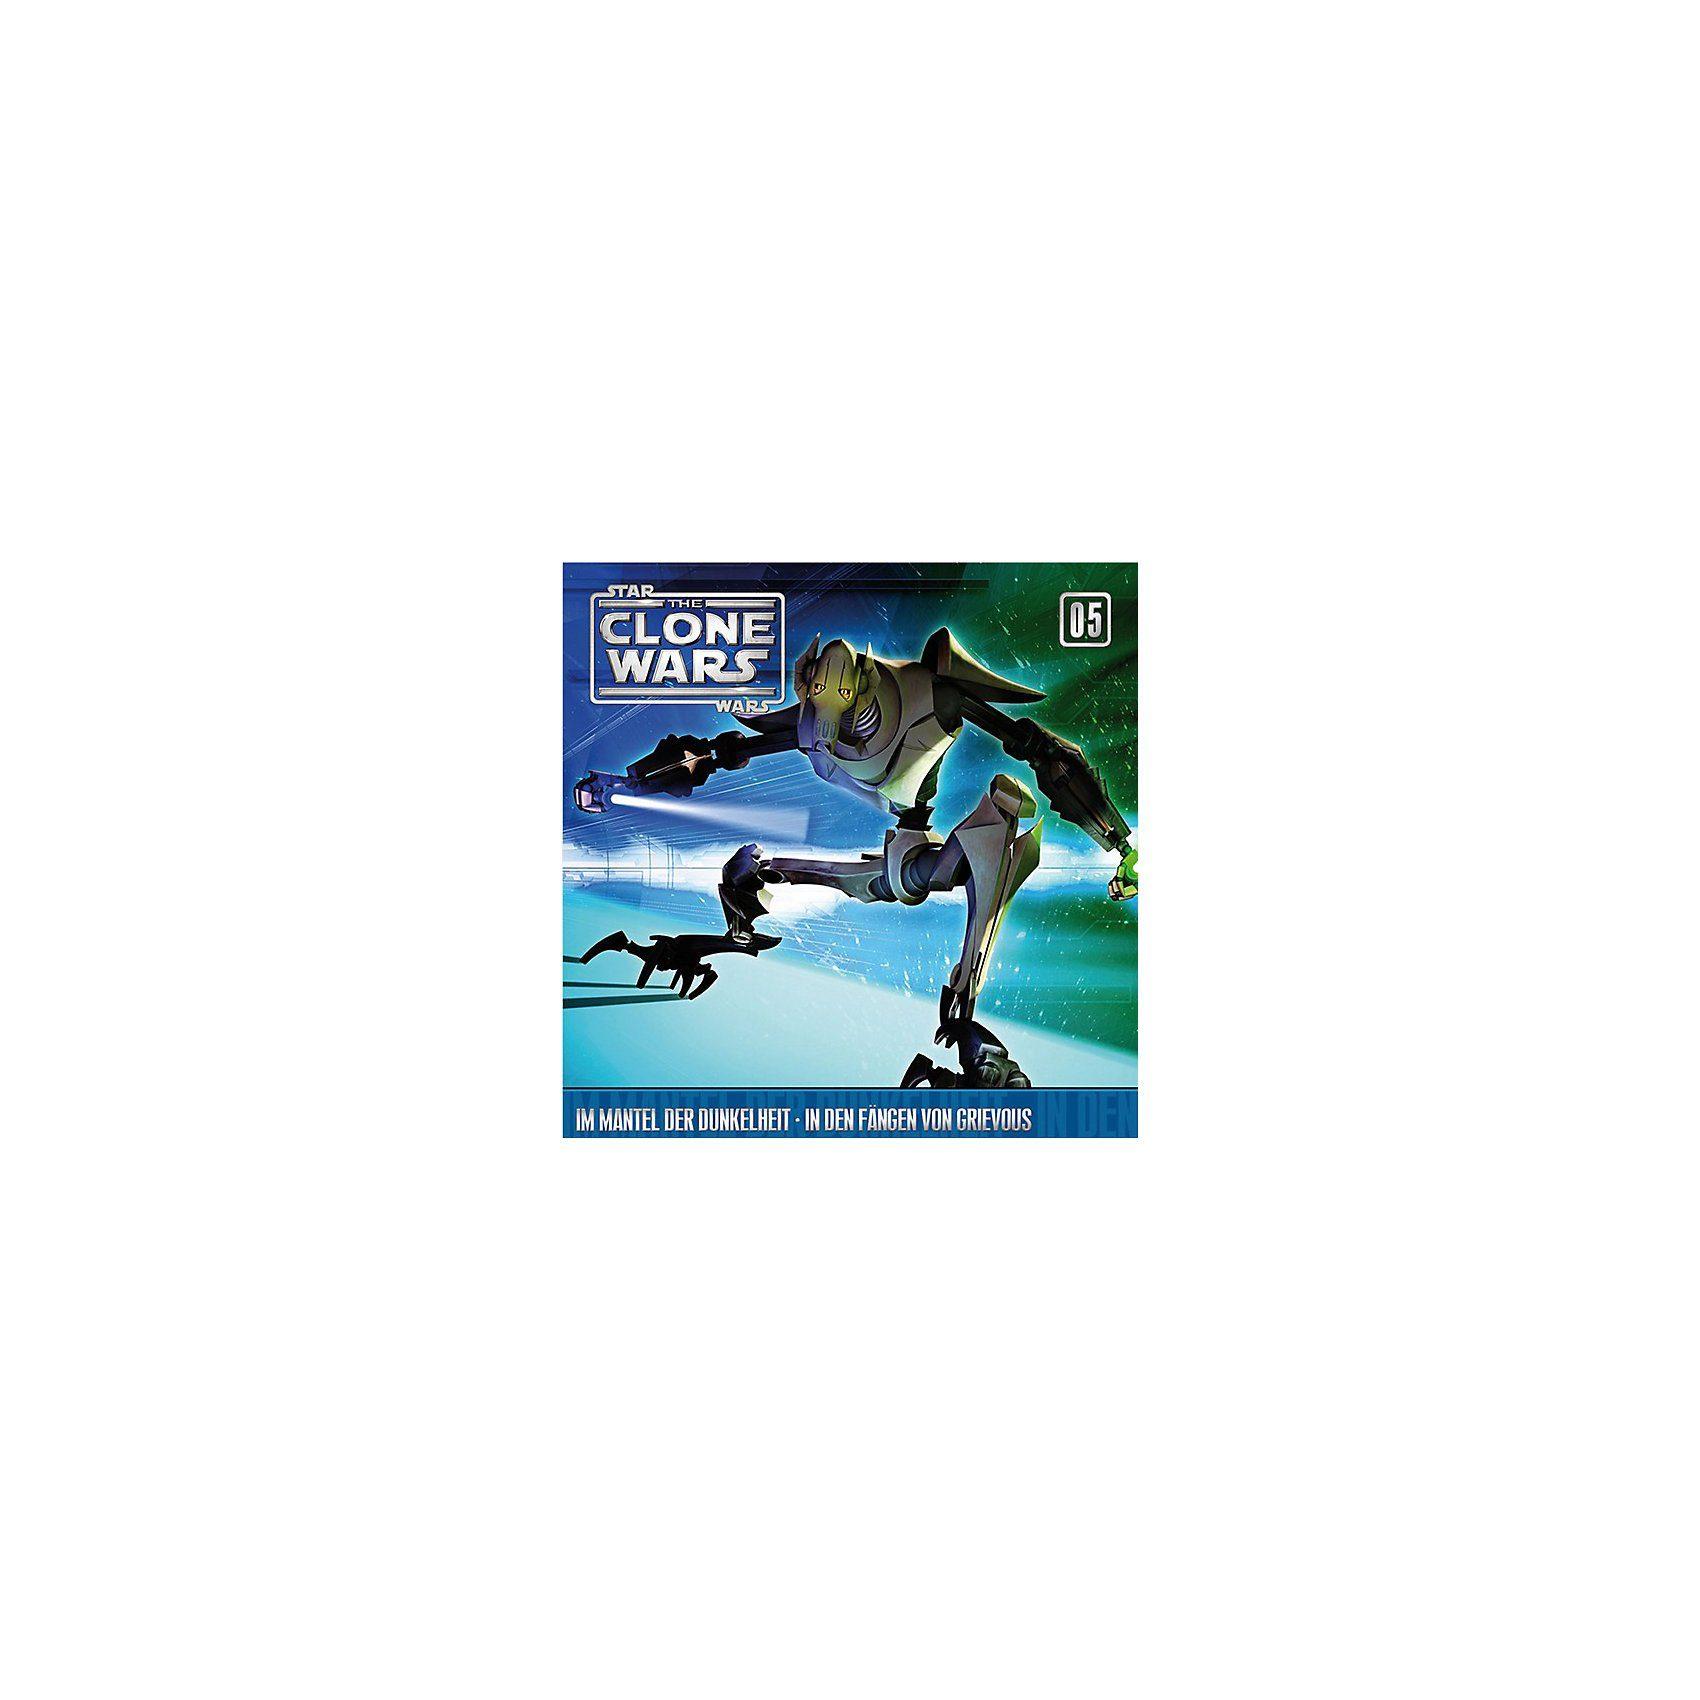 Universal CD Star Wars - The Clone Wars 05 - Im Manter der Dunkelheit